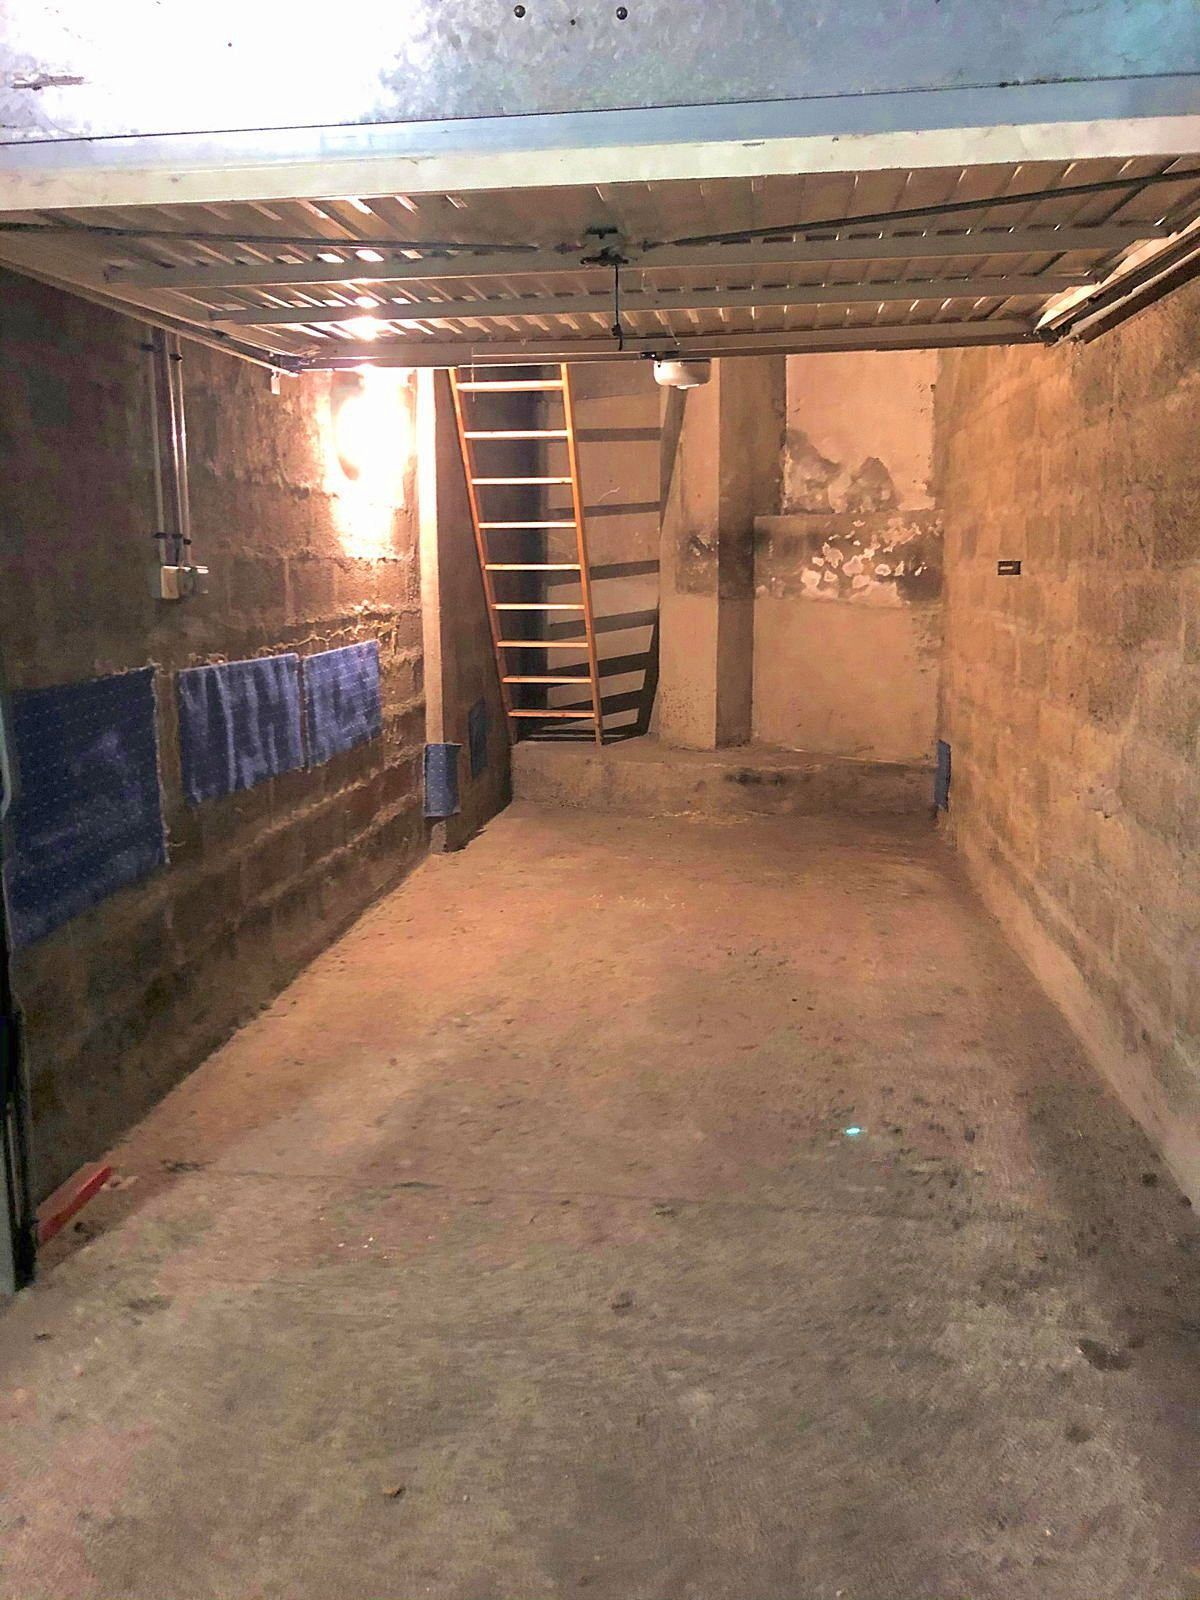 Loue garage avec mezzanine, Comédie, Montpellier (34)